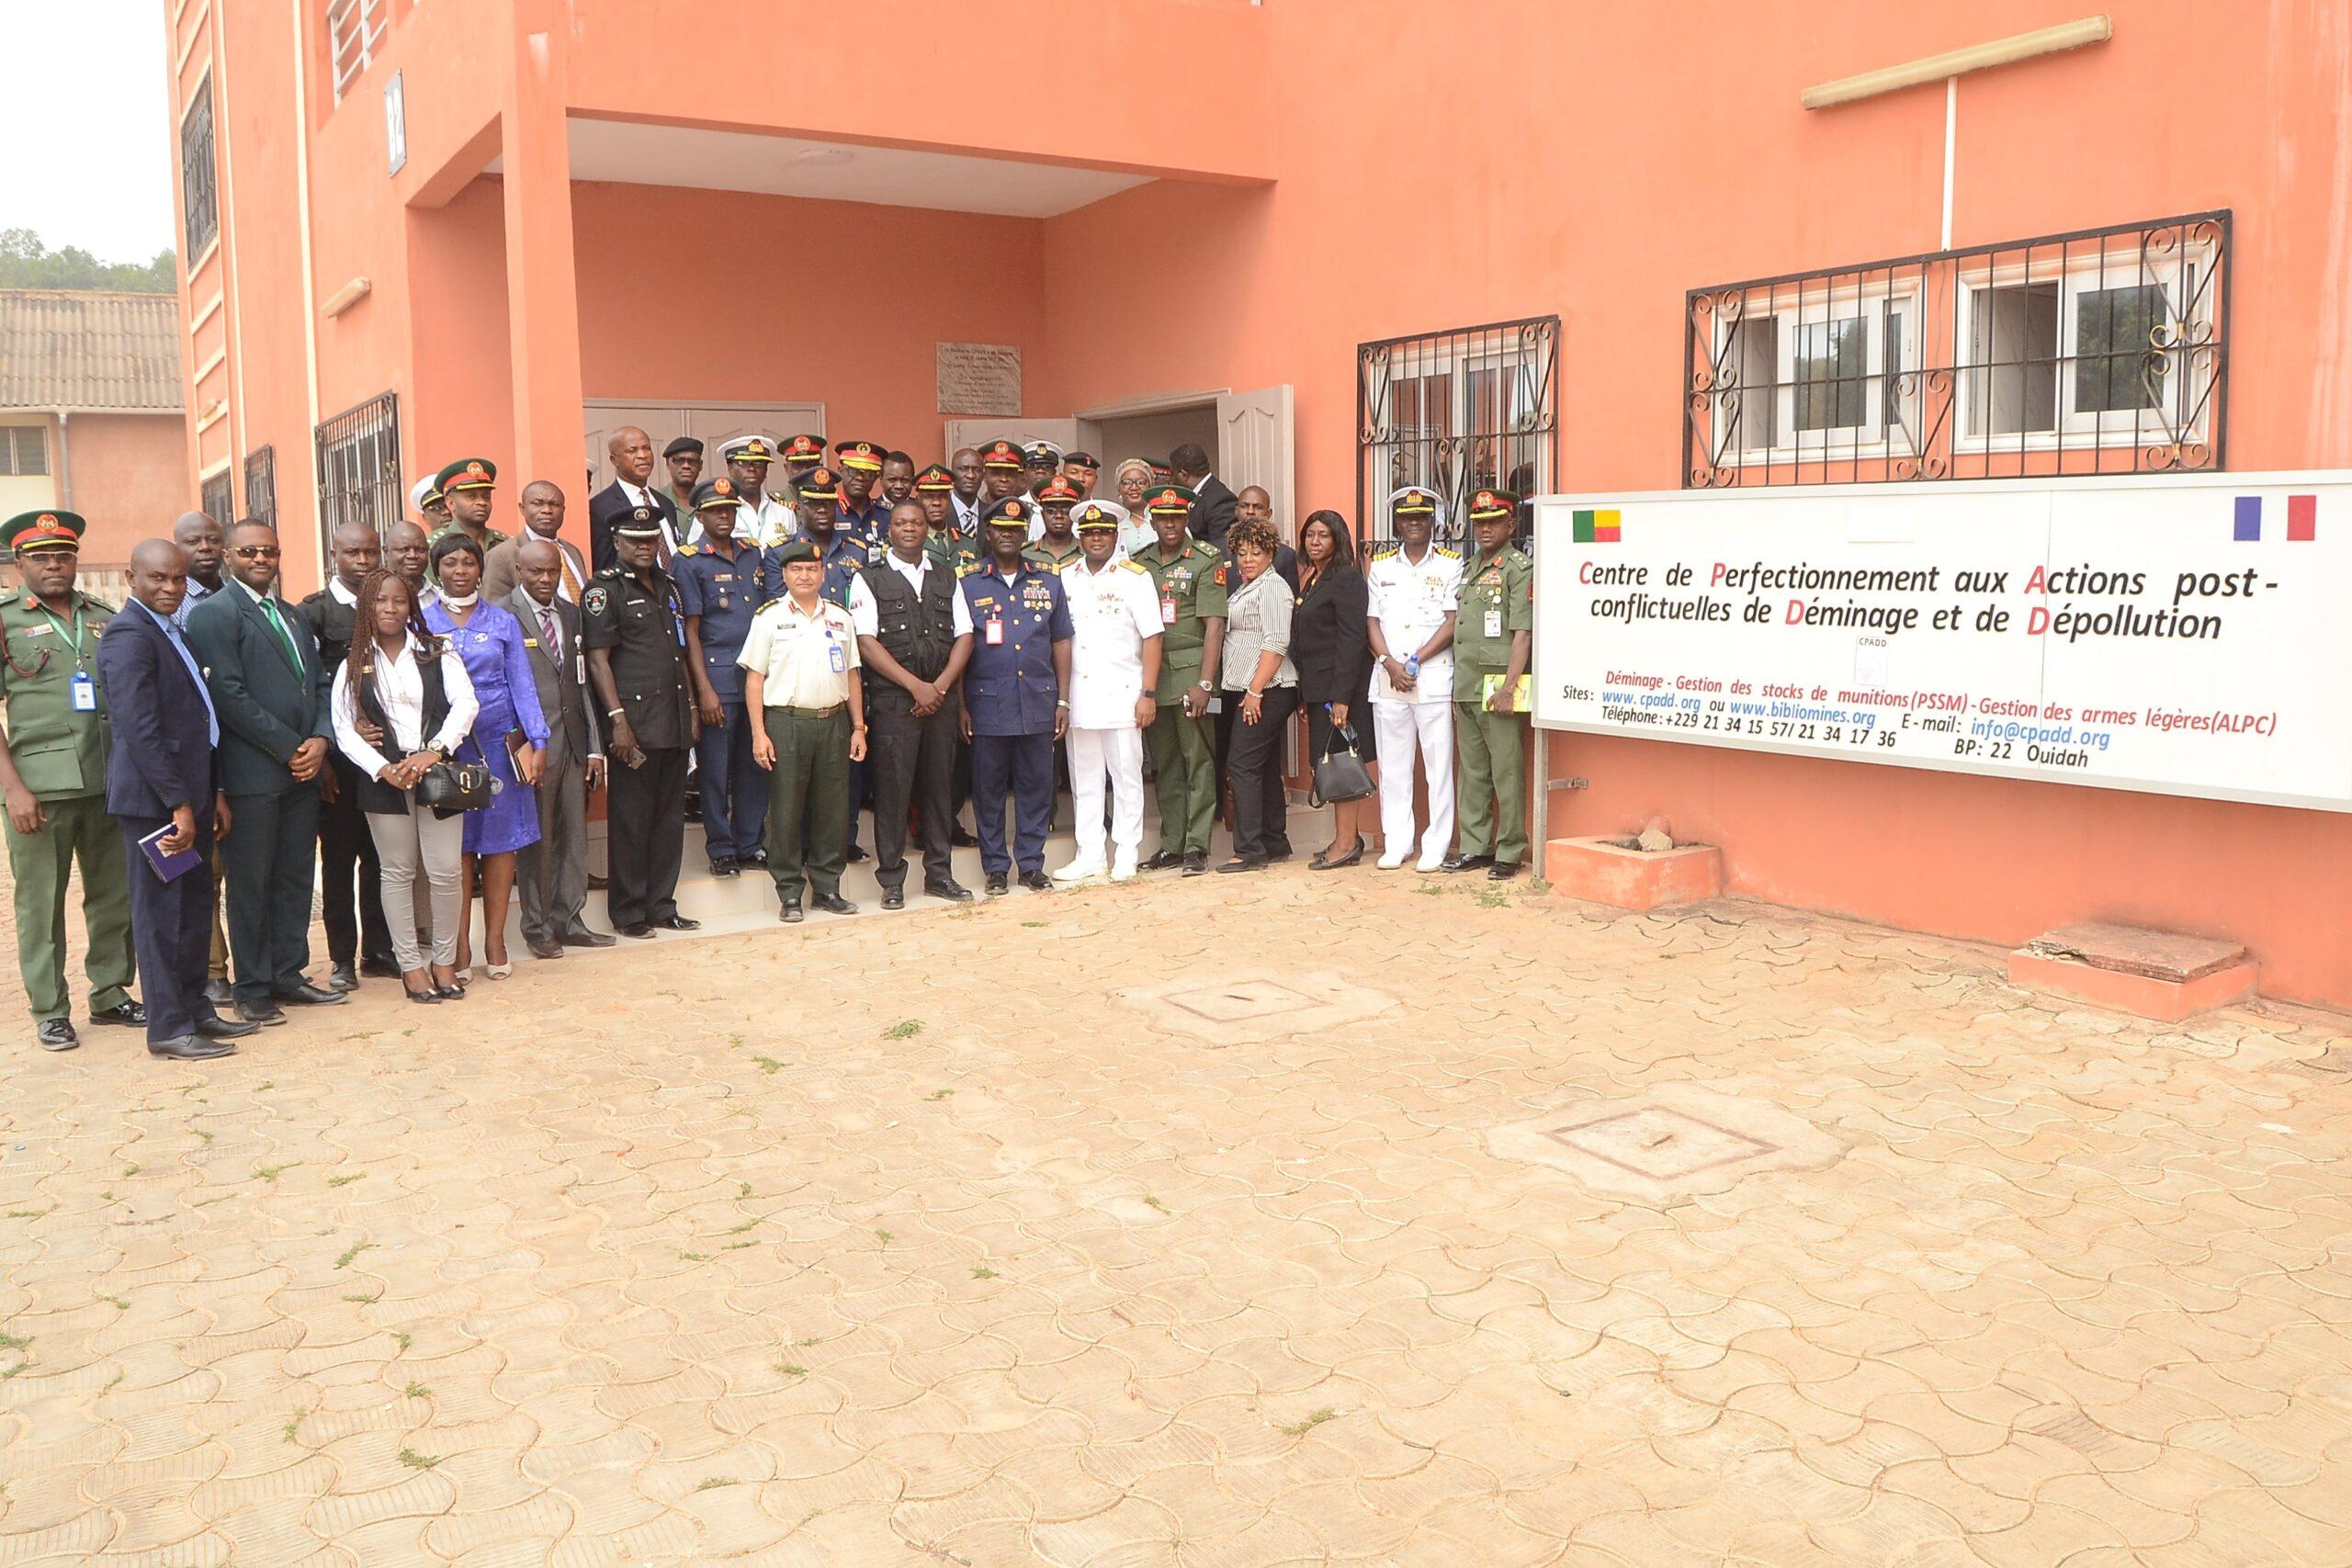 Visite d'une délégation des Forces Armées Nigérianes au CPADD